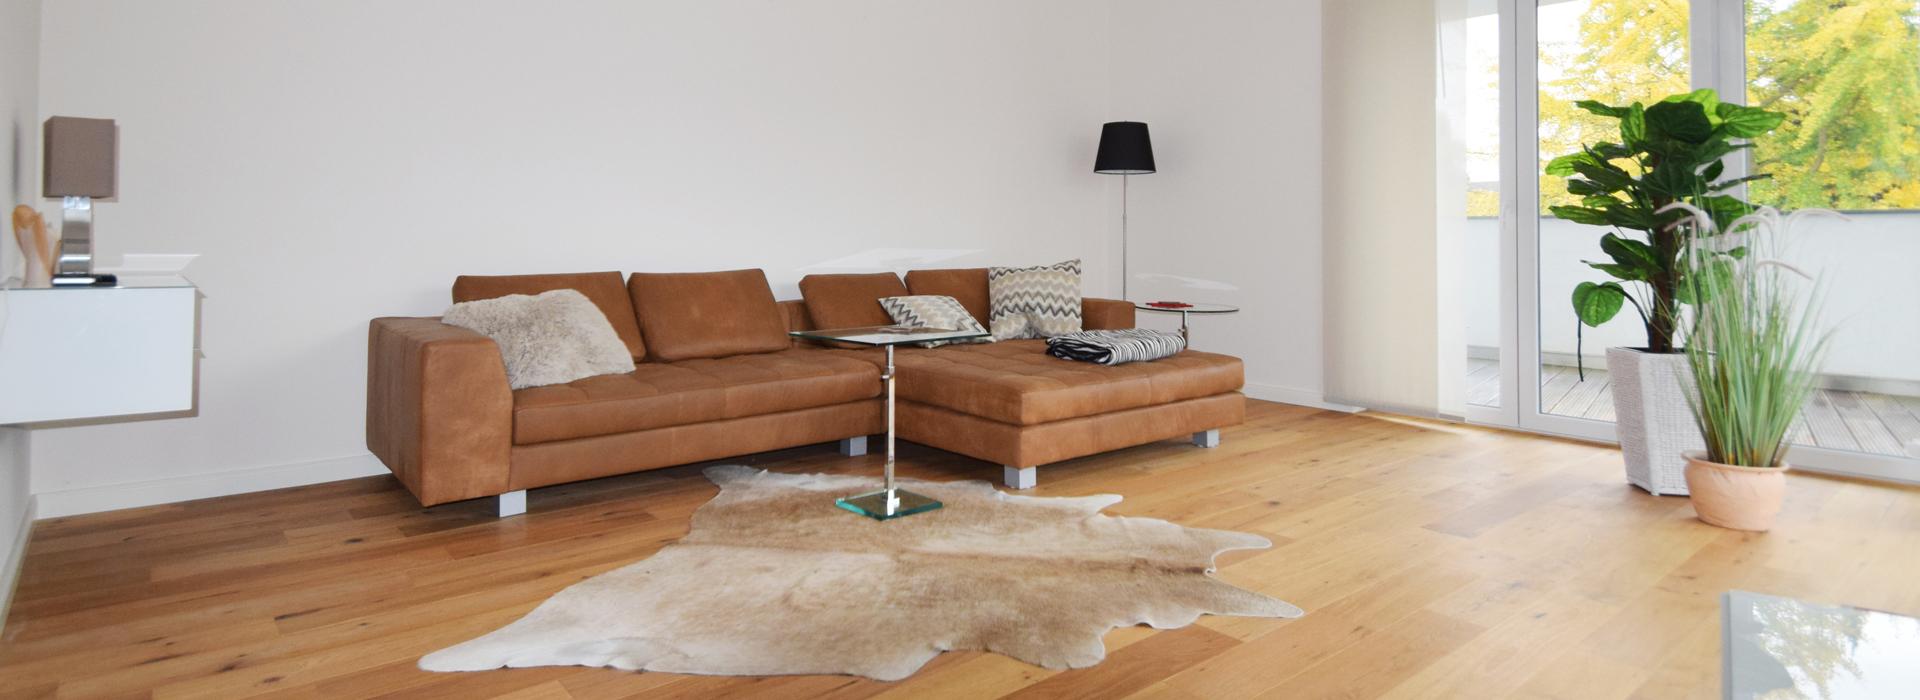 Hausverkauf und Hausvermietung in Soest und Umgebung